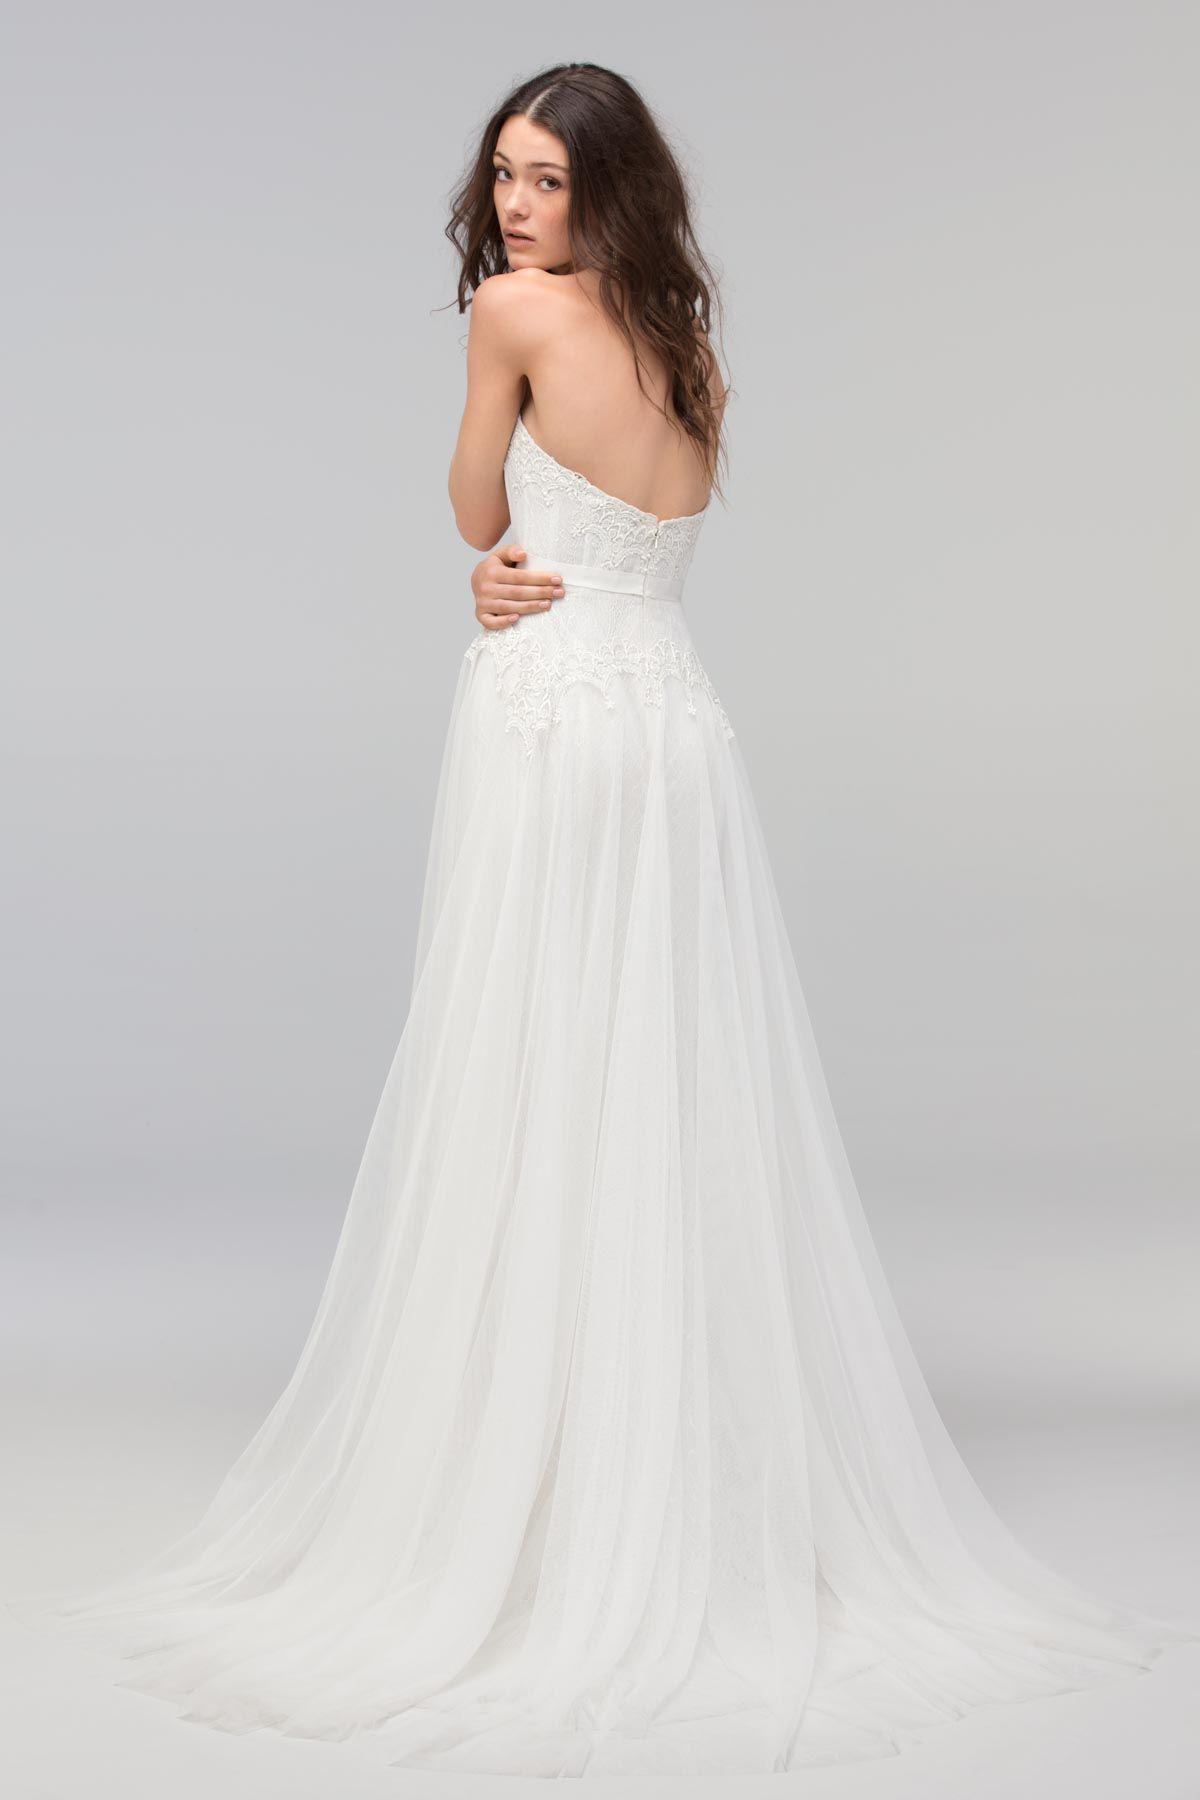 Watters Brautkleider – Die Amerikanische Topmarke mit den angesagten ...